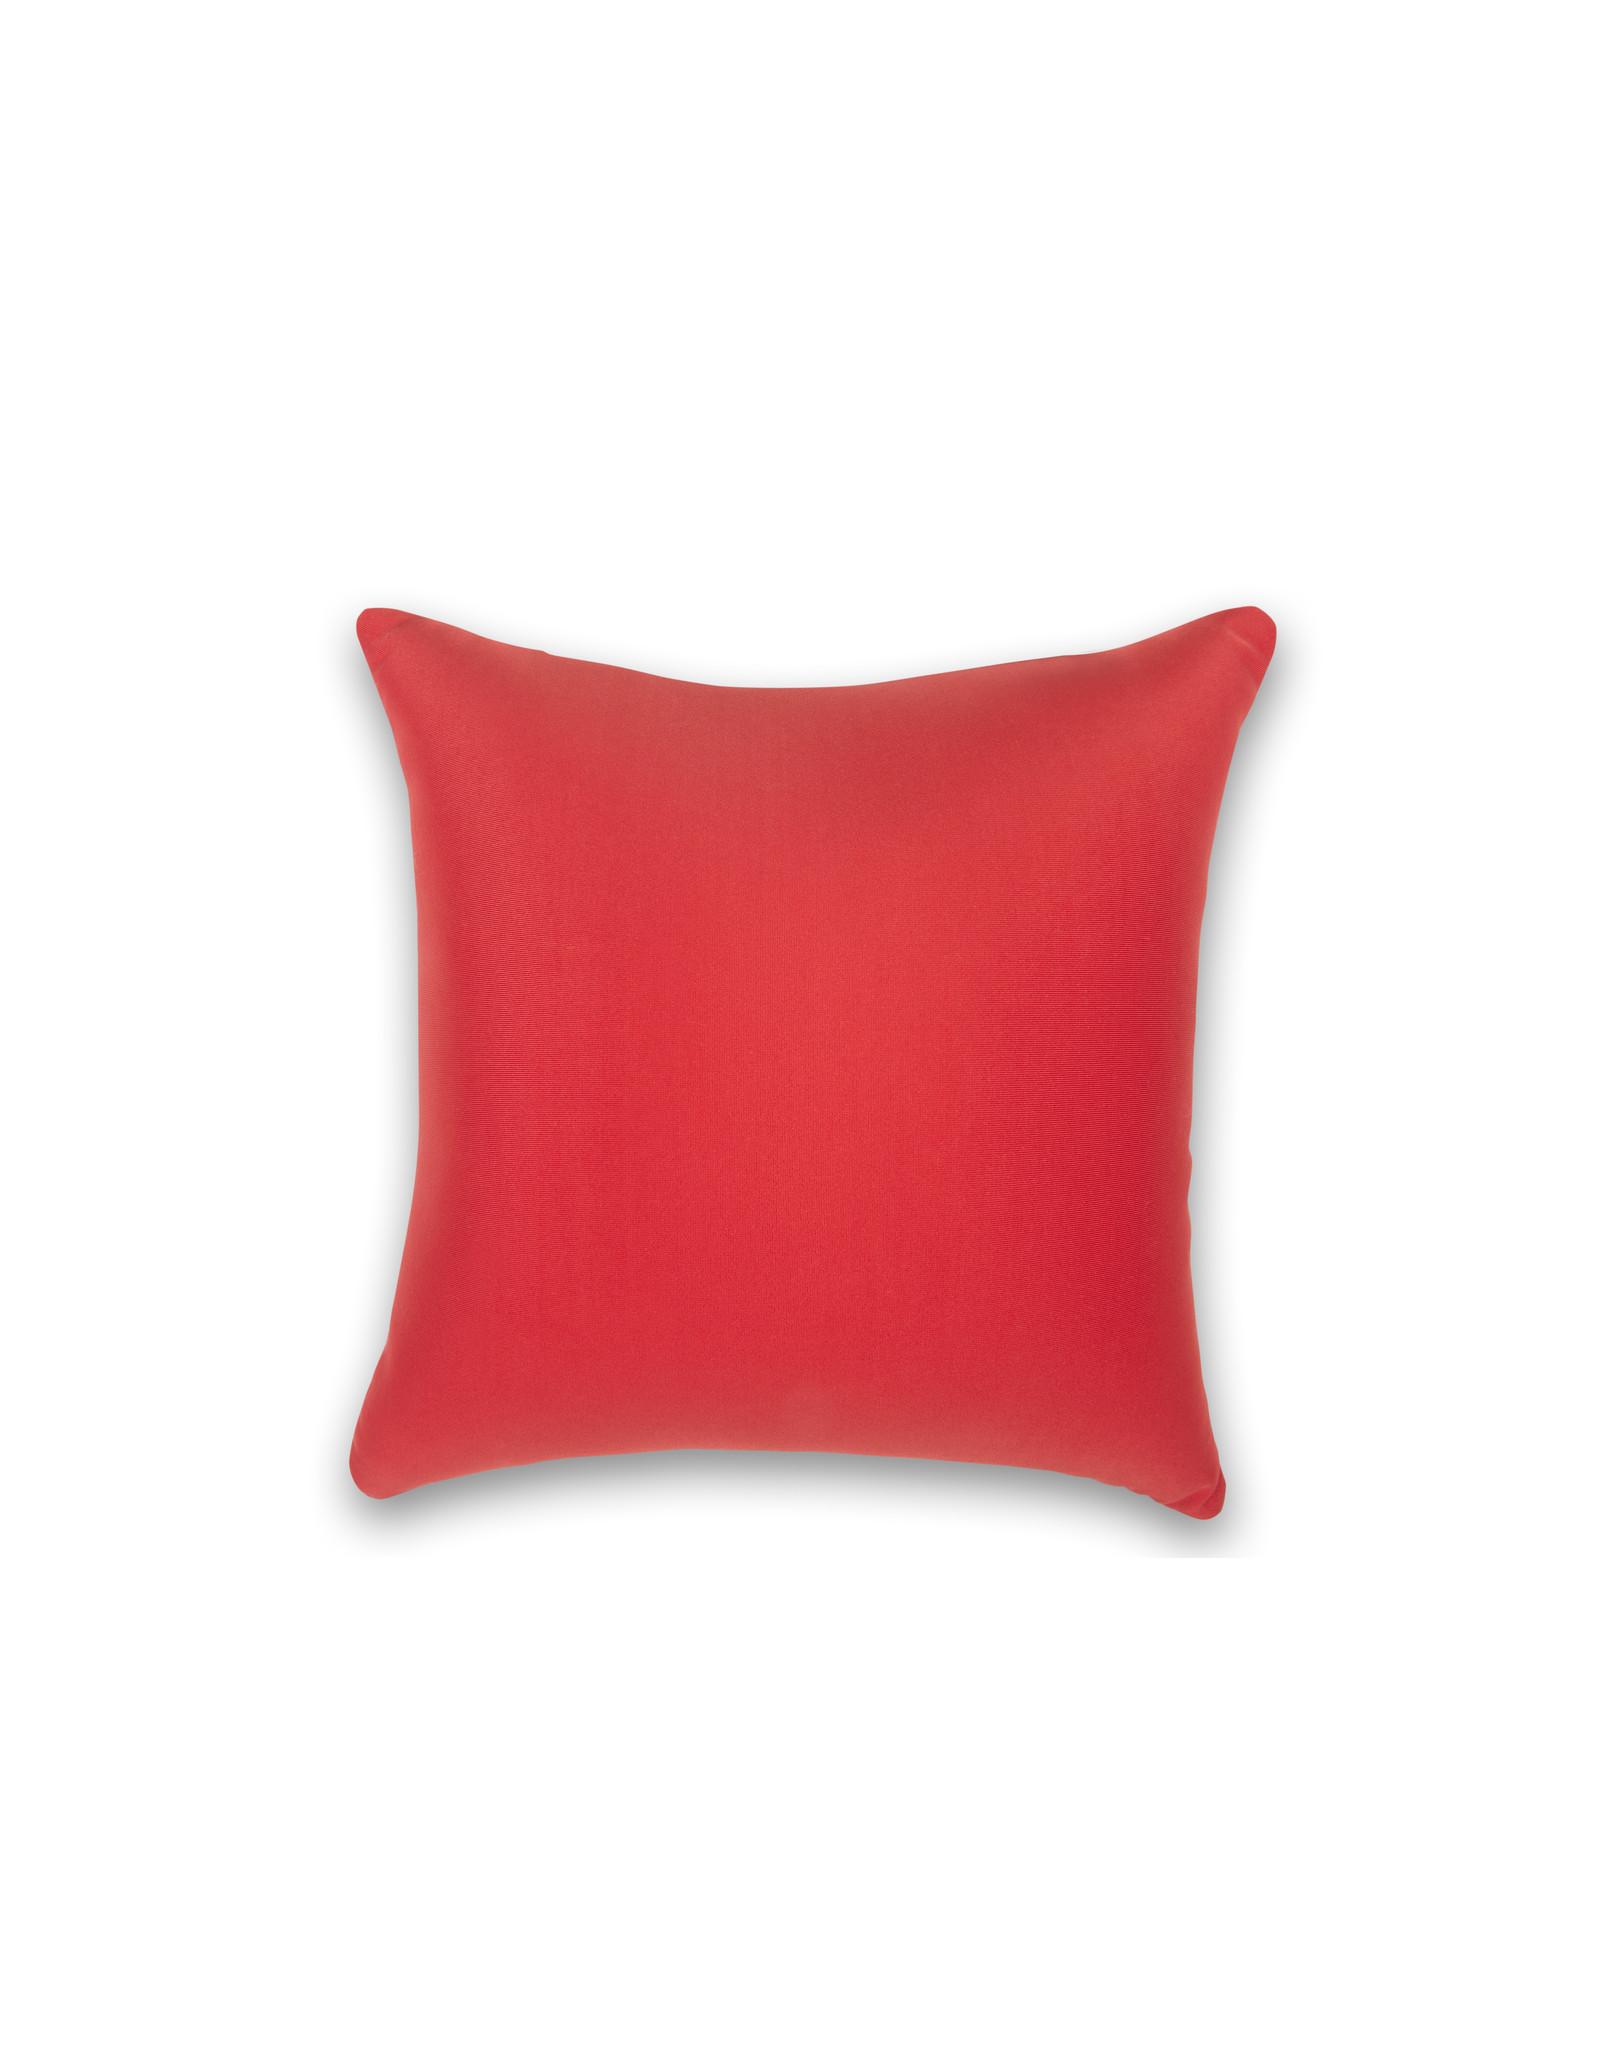 Kuschel-Maxx Kuschel-Maxx - Quadrat Rot